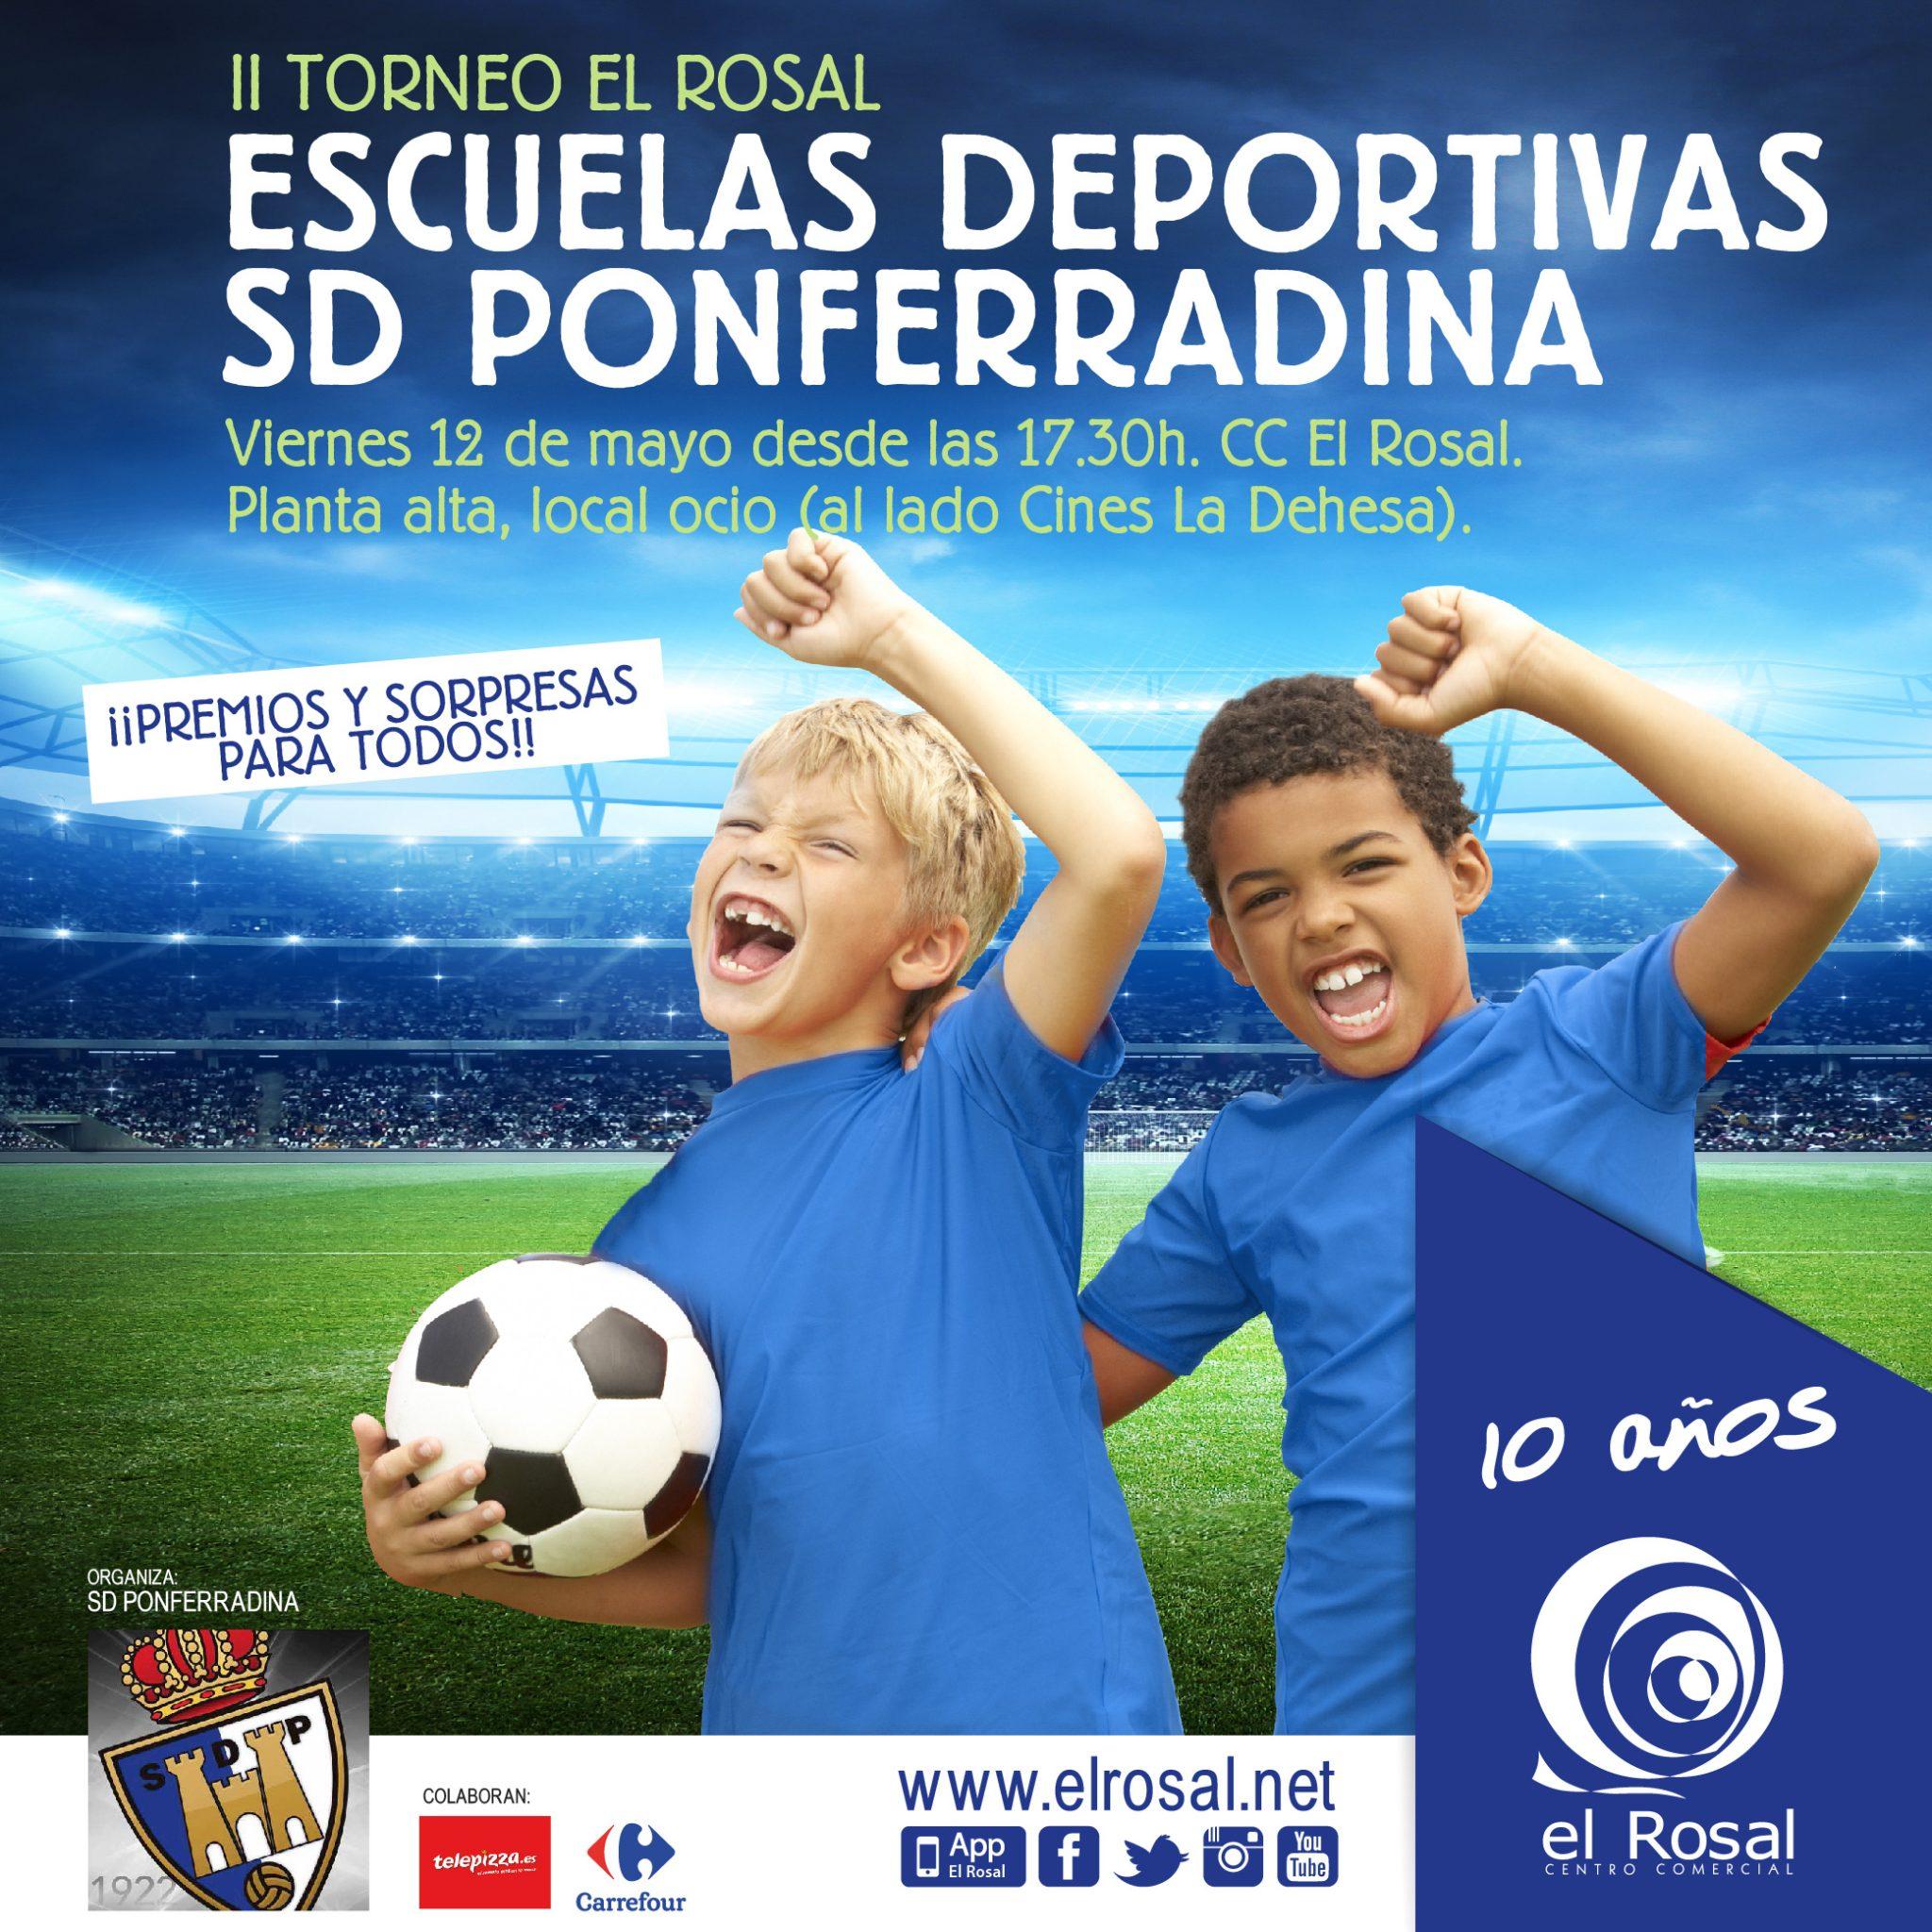 II Torneo El Rosal Escuelas Deportivas SD Ponferradina 2